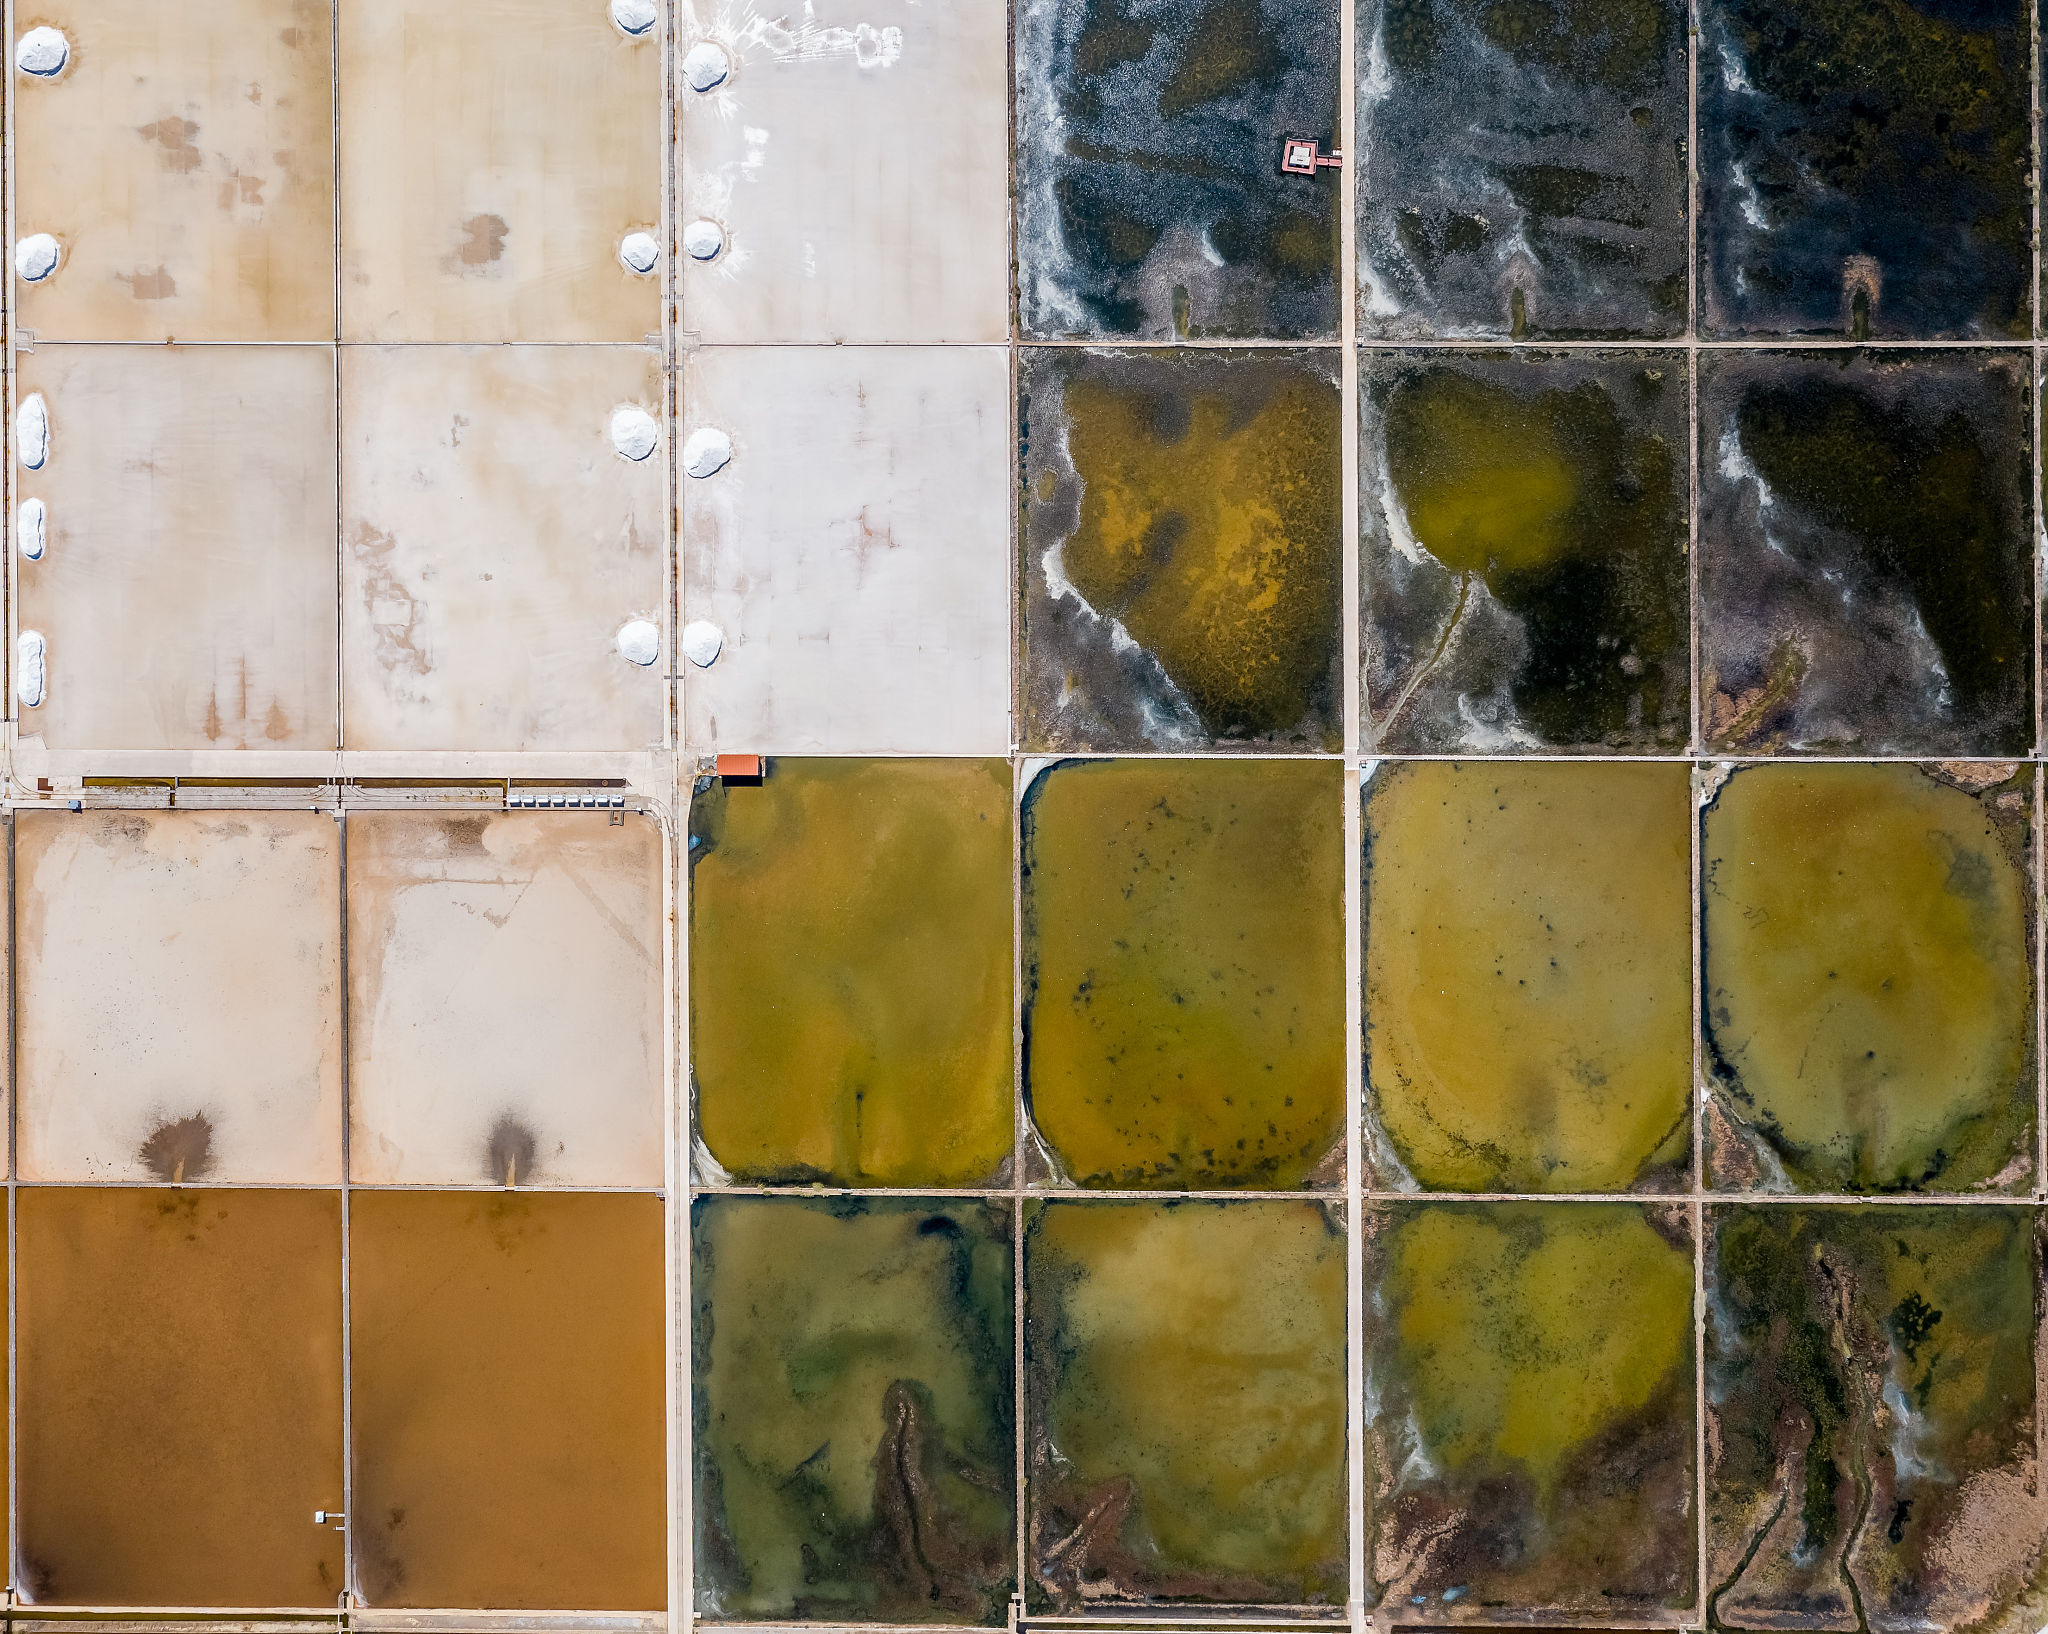 克羅地亞:鹽沼池蒸發現奇觀 分割規則宛若眼